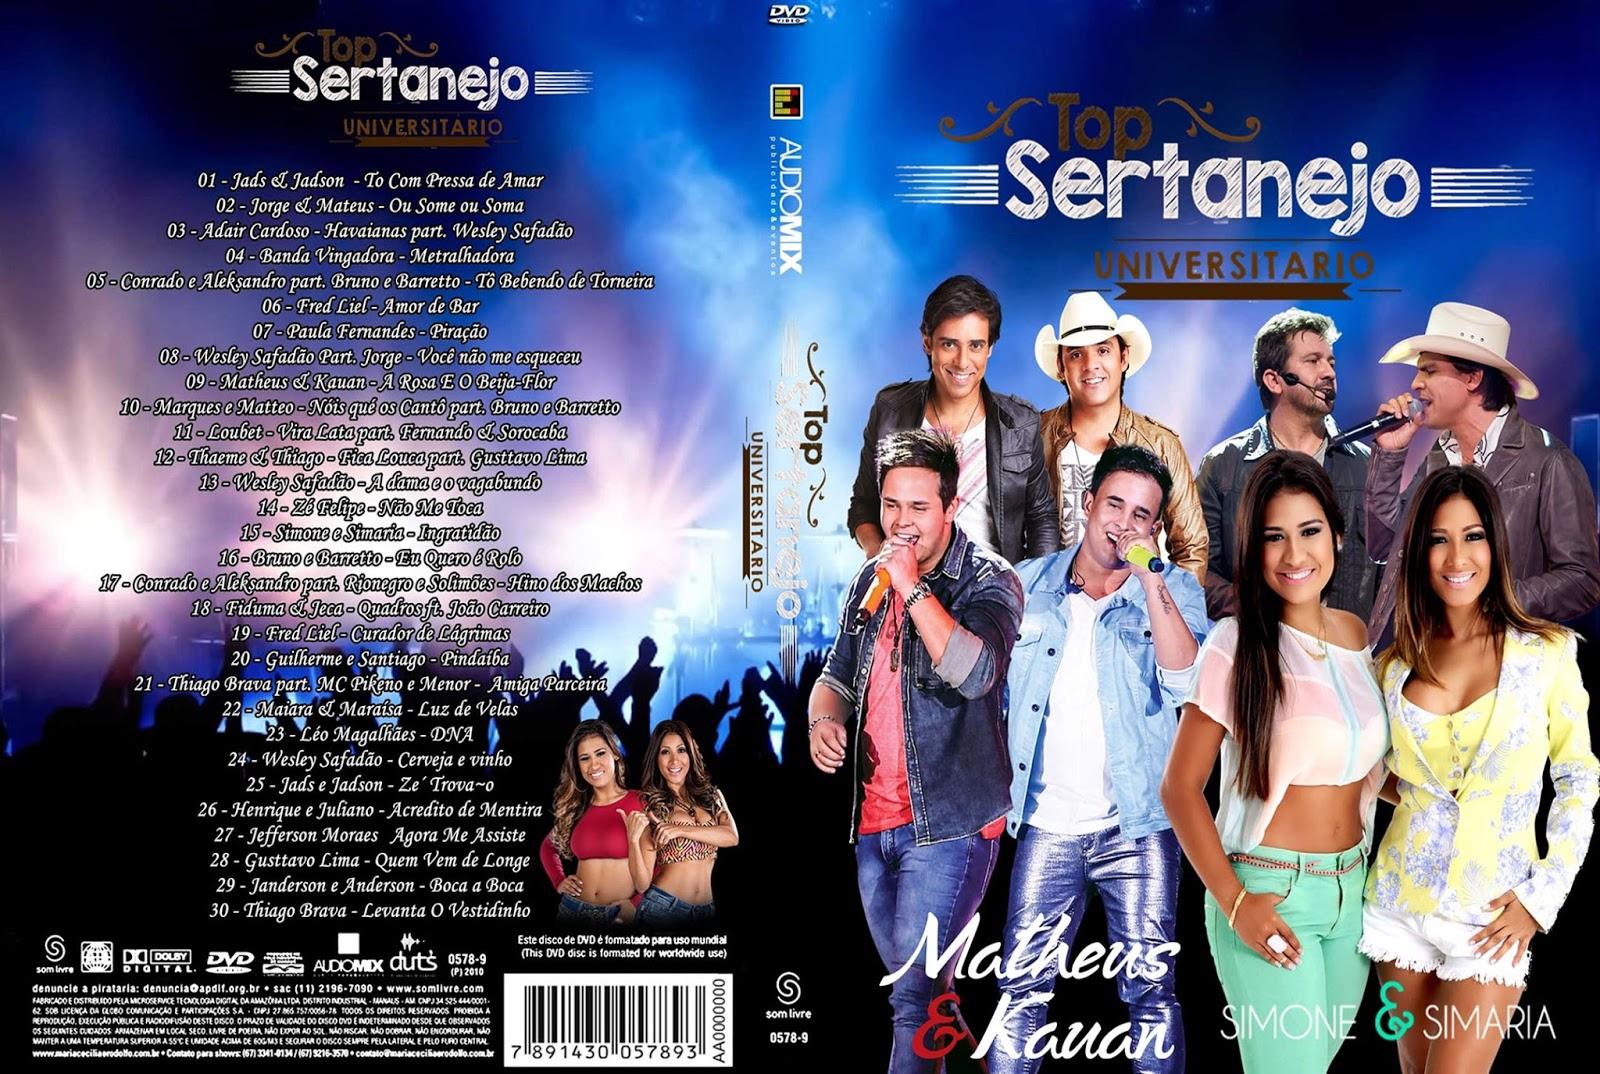 Top Sertanejo Universitário 2016 DVD-R Top 2BSertanejo 2BUniversit 25C3 25A1rio 2B2016 2BDVD R 2BXANDAODOWNLOAD